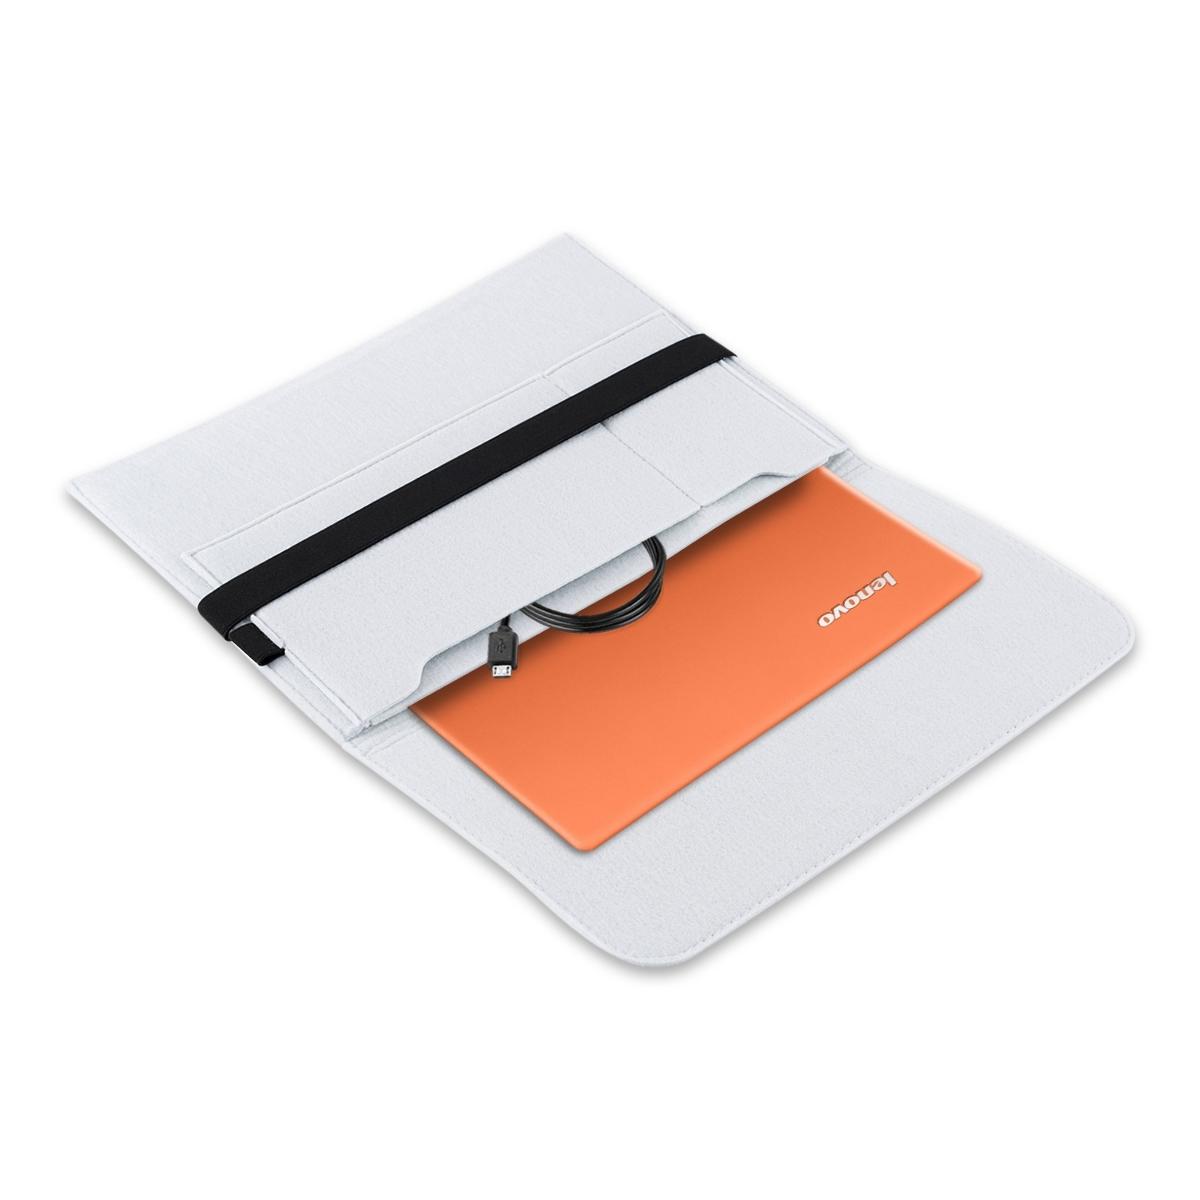 Housse protection pour lenovo yoga 2 11 portable etui sac for Housse lenovo yoga 500